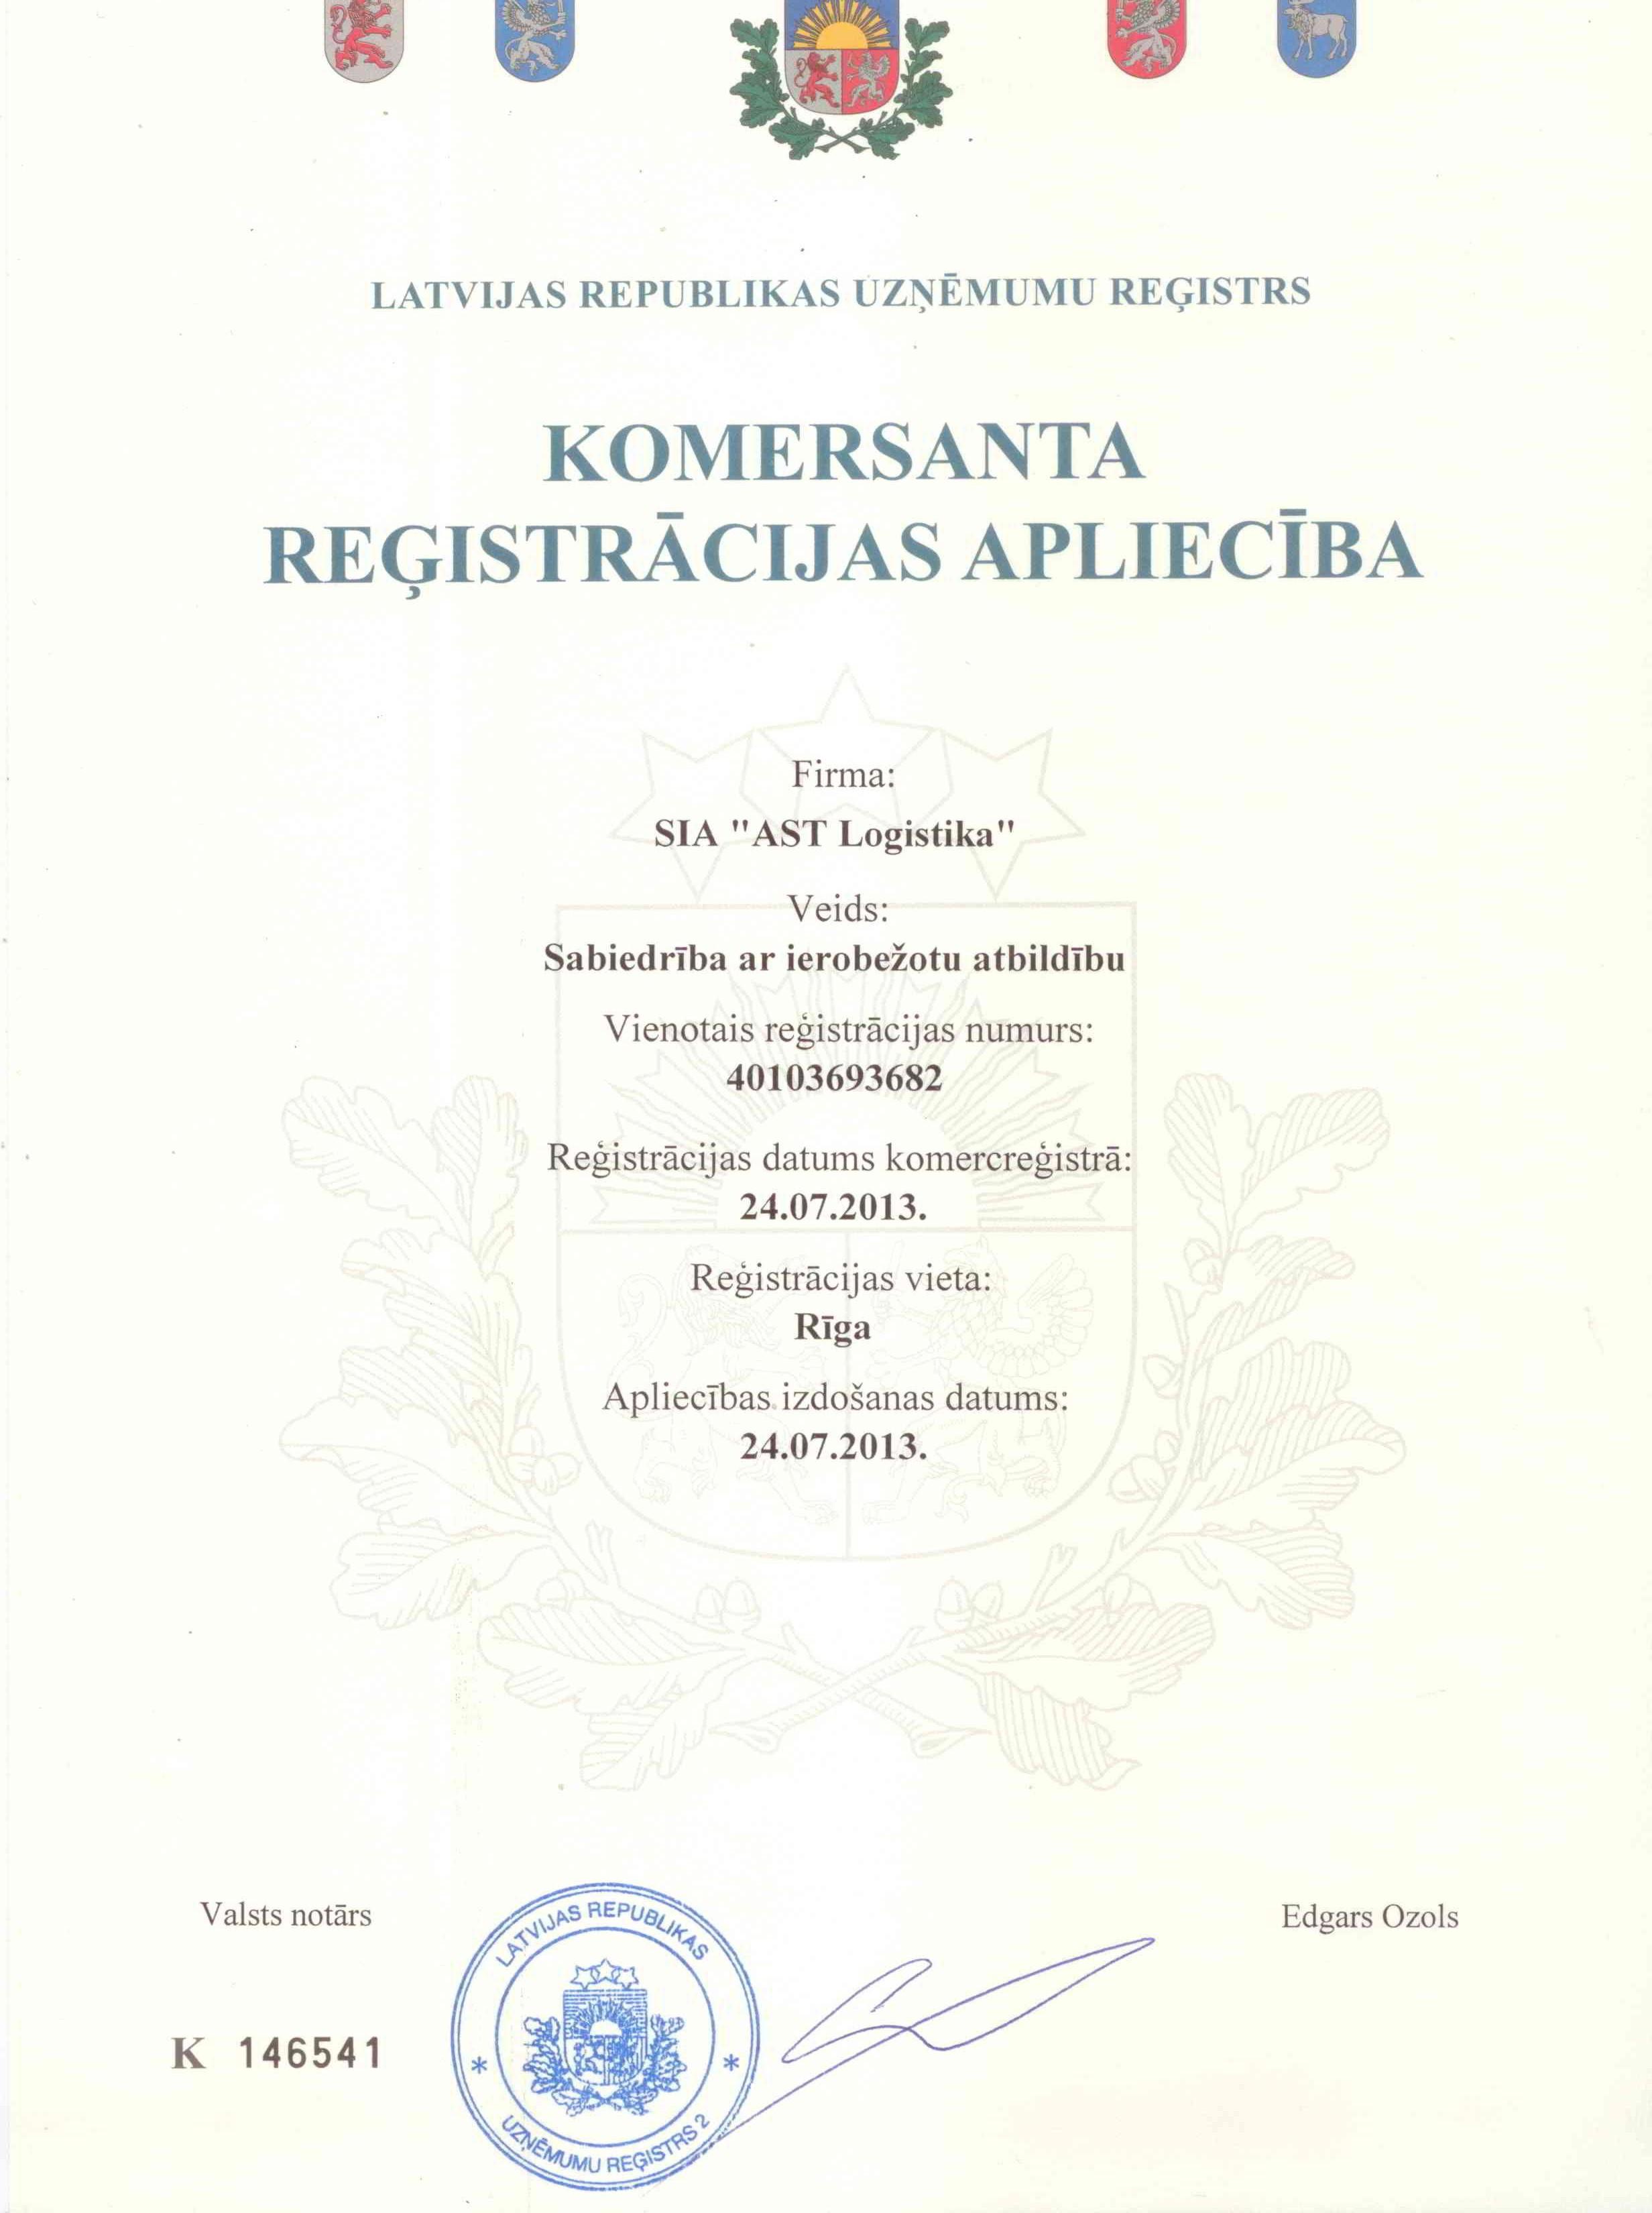 Свидетельство о регистрации компании AST Logistika